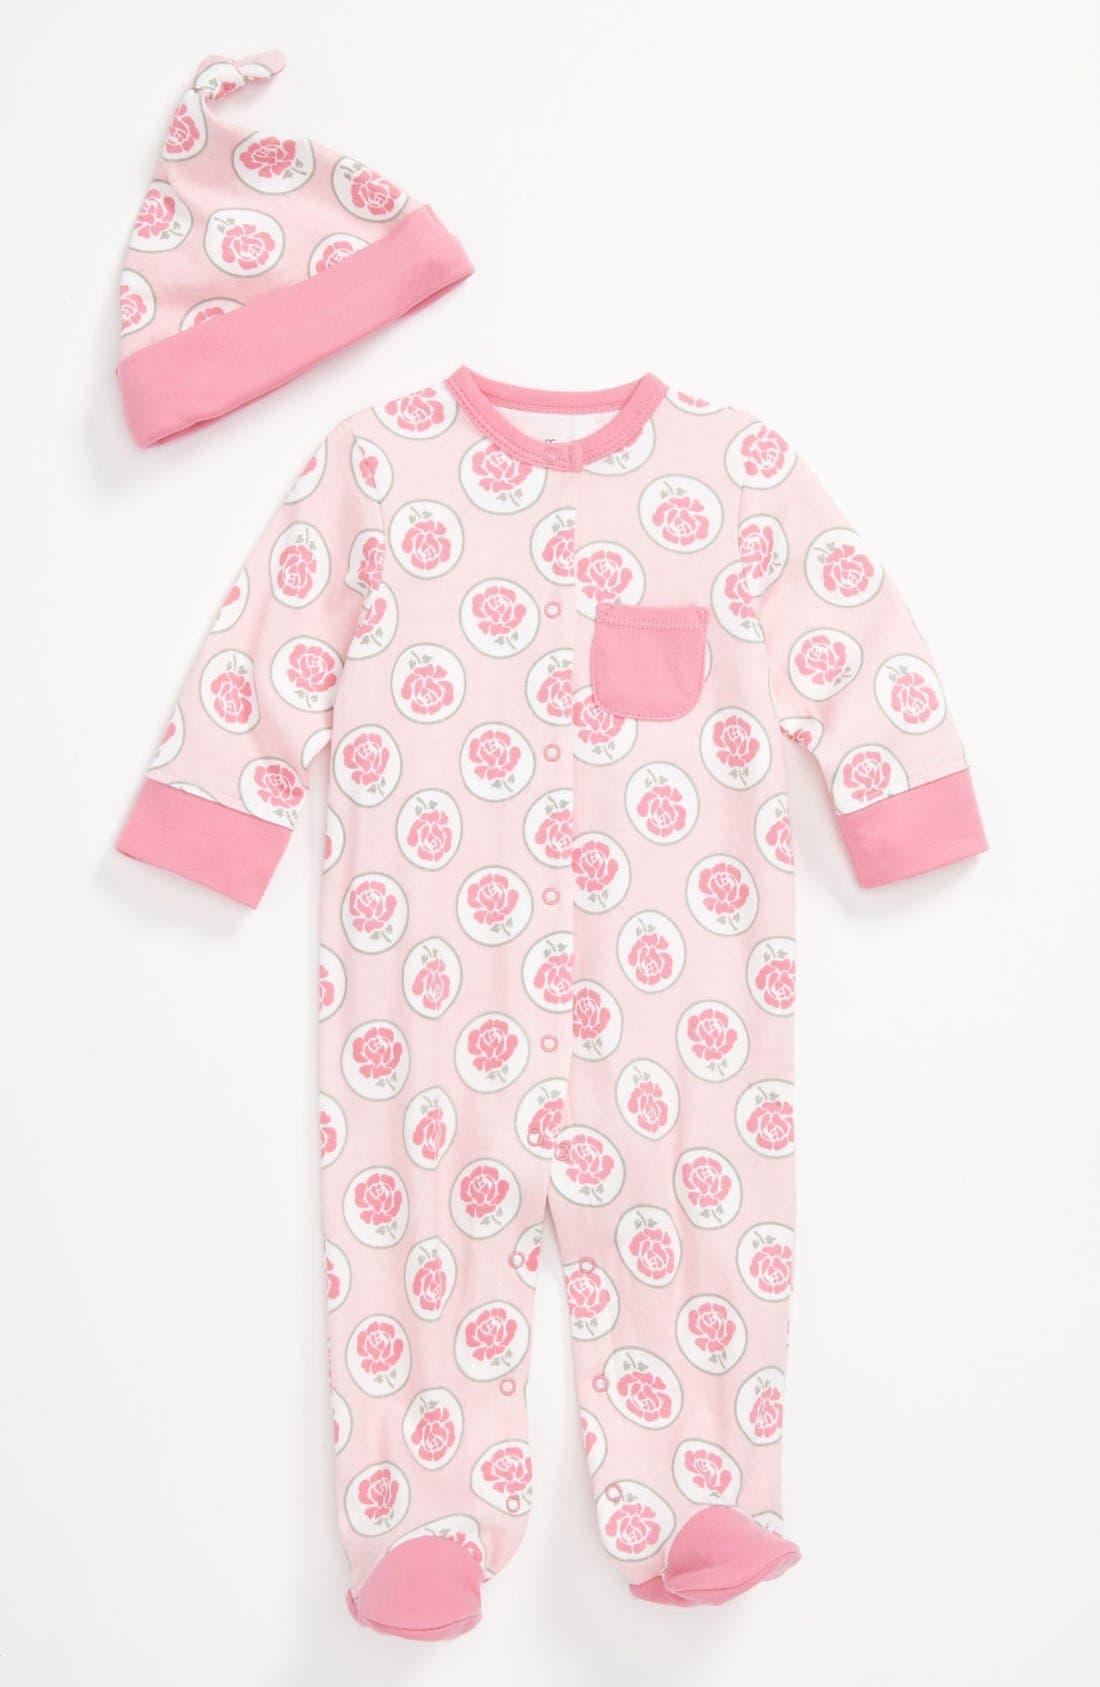 Main Image - Offspring 'Rose Circle' Footie & Hat (Baby)